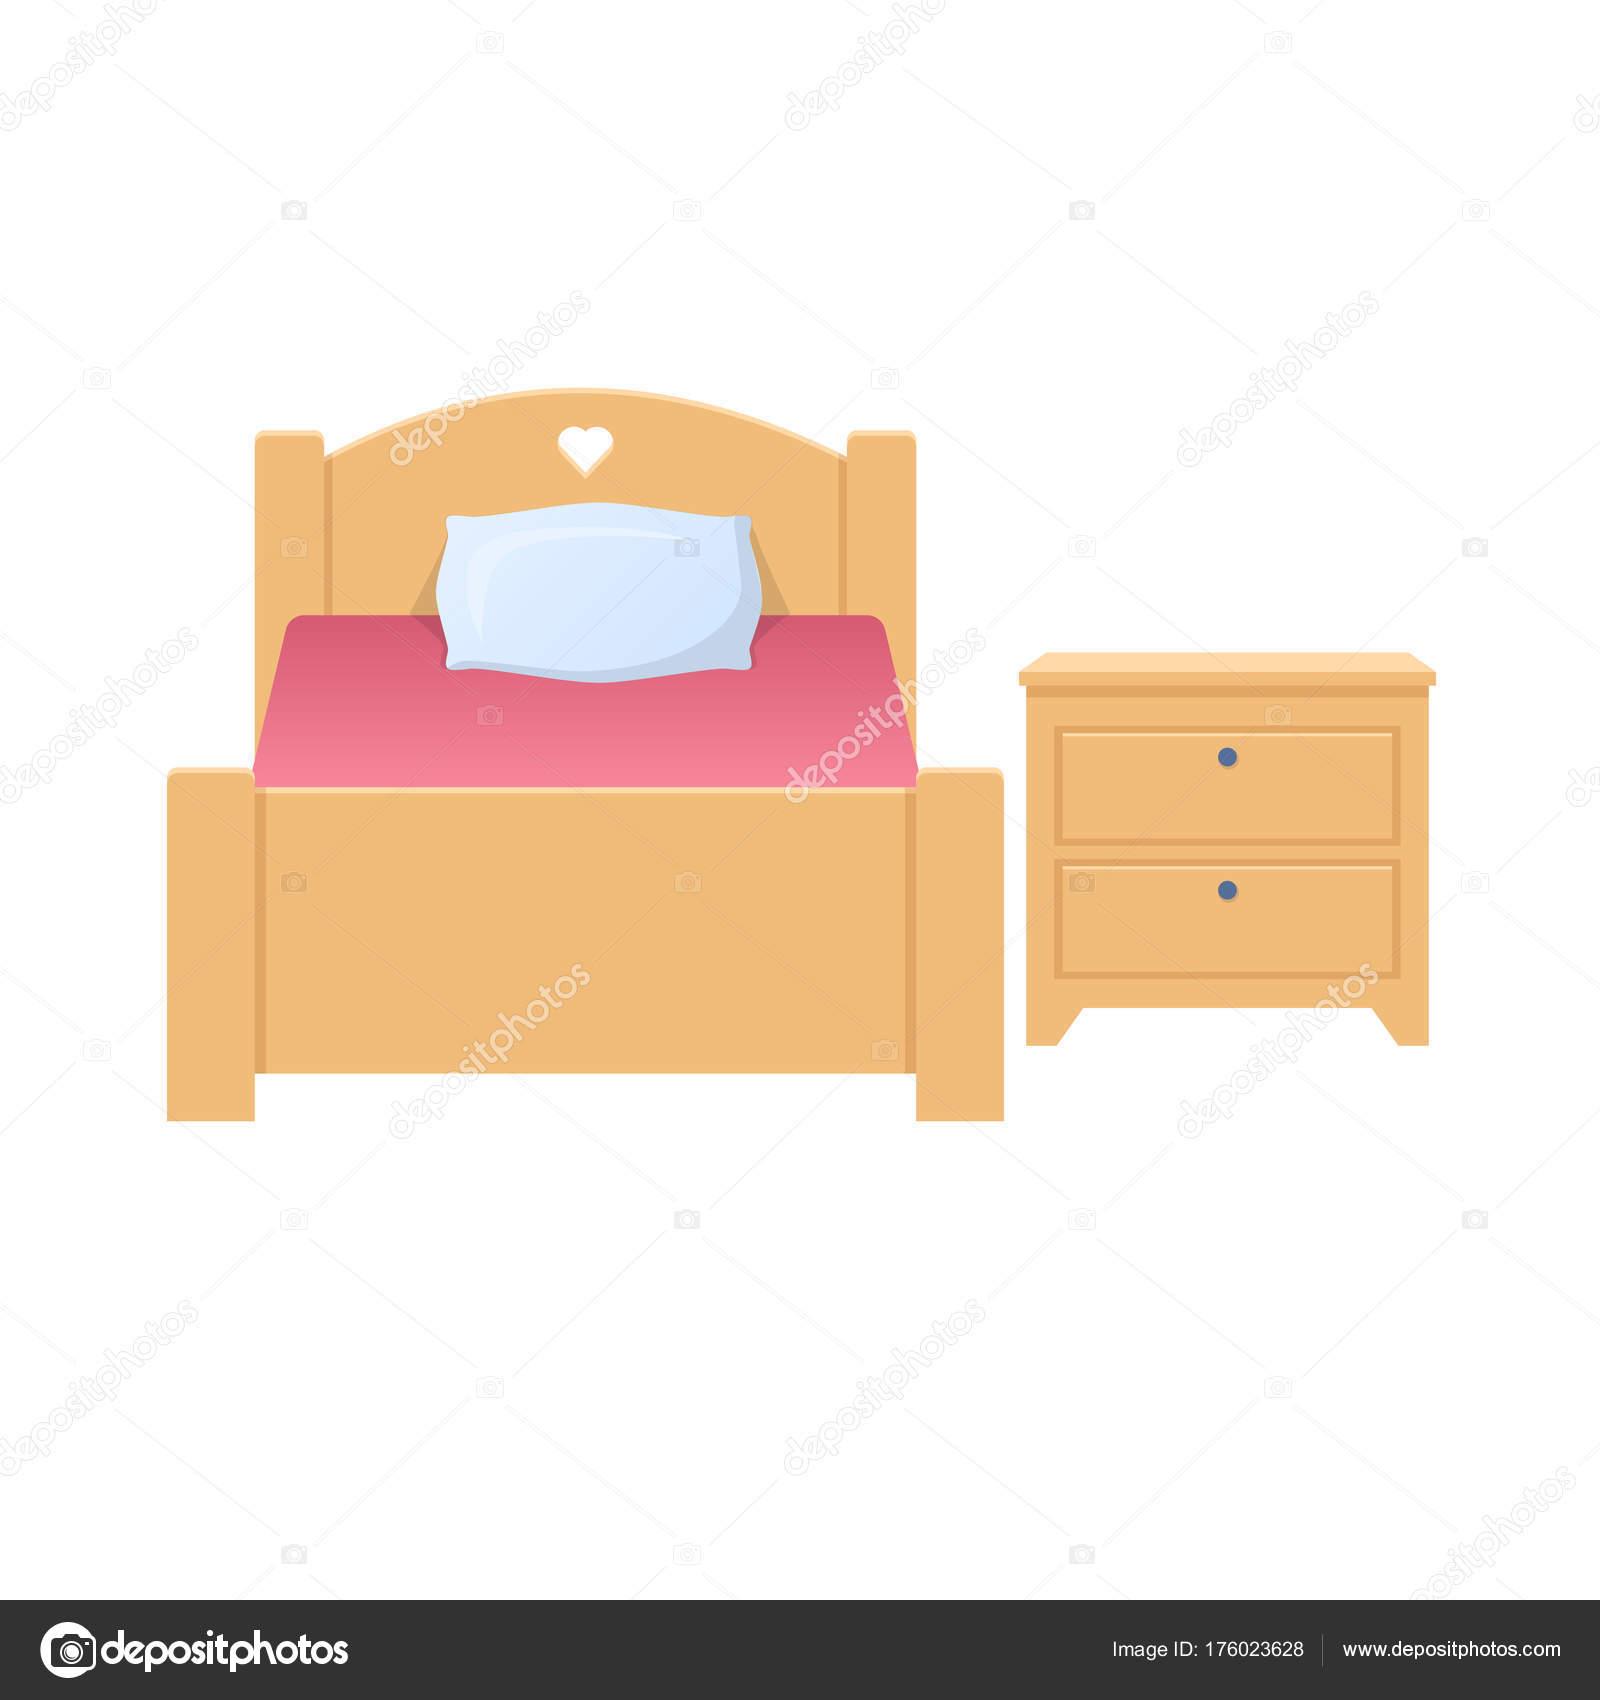 Enthralling Schlaf Bett Gallery Of Zeit Für Und Ruhe. Bett, Mit Decke